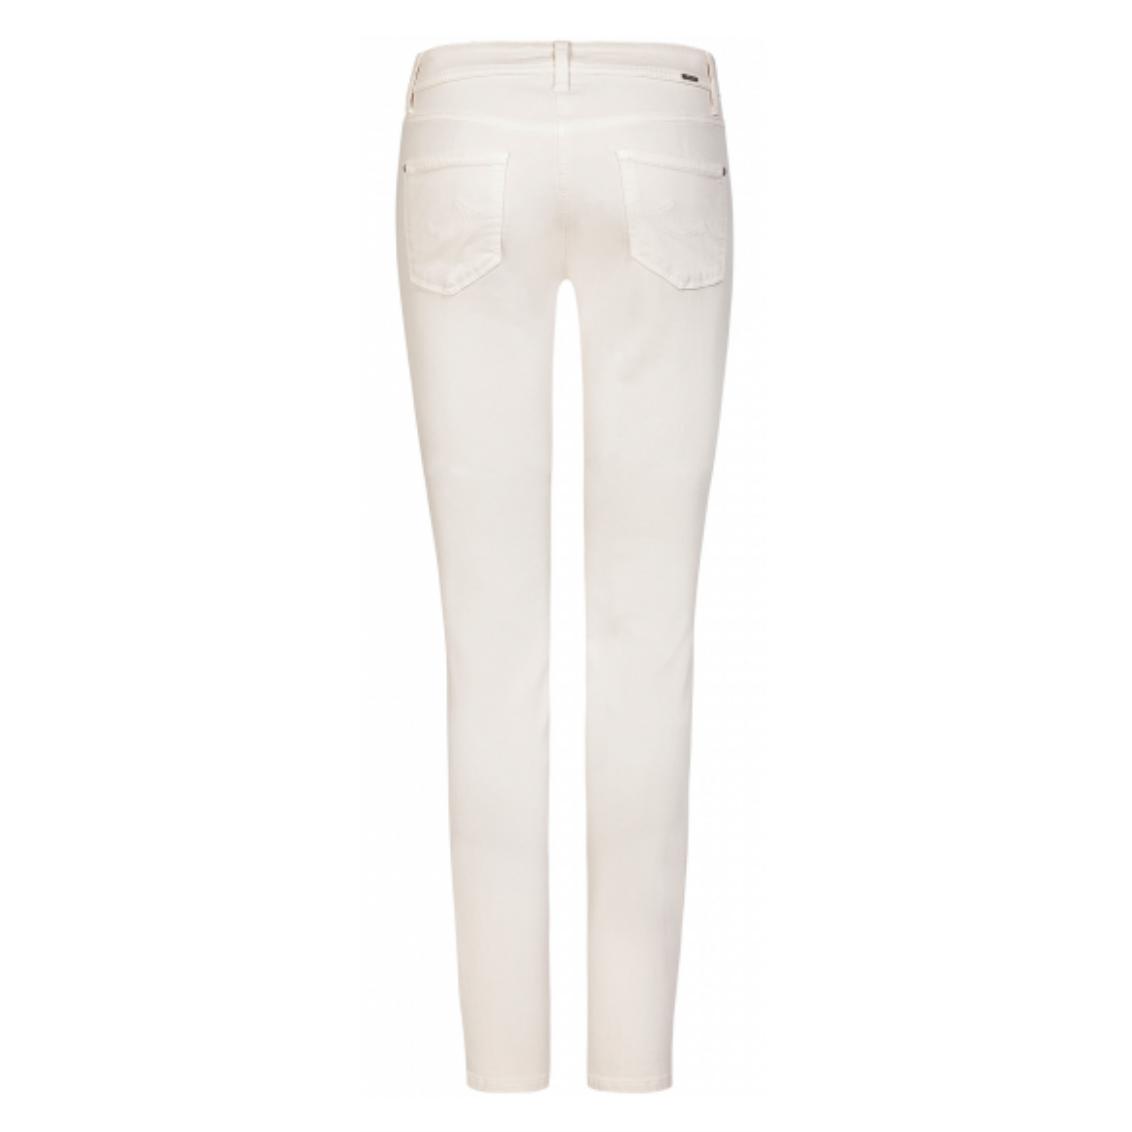 Cambio Cambio Parla Premium Jeans - Cream